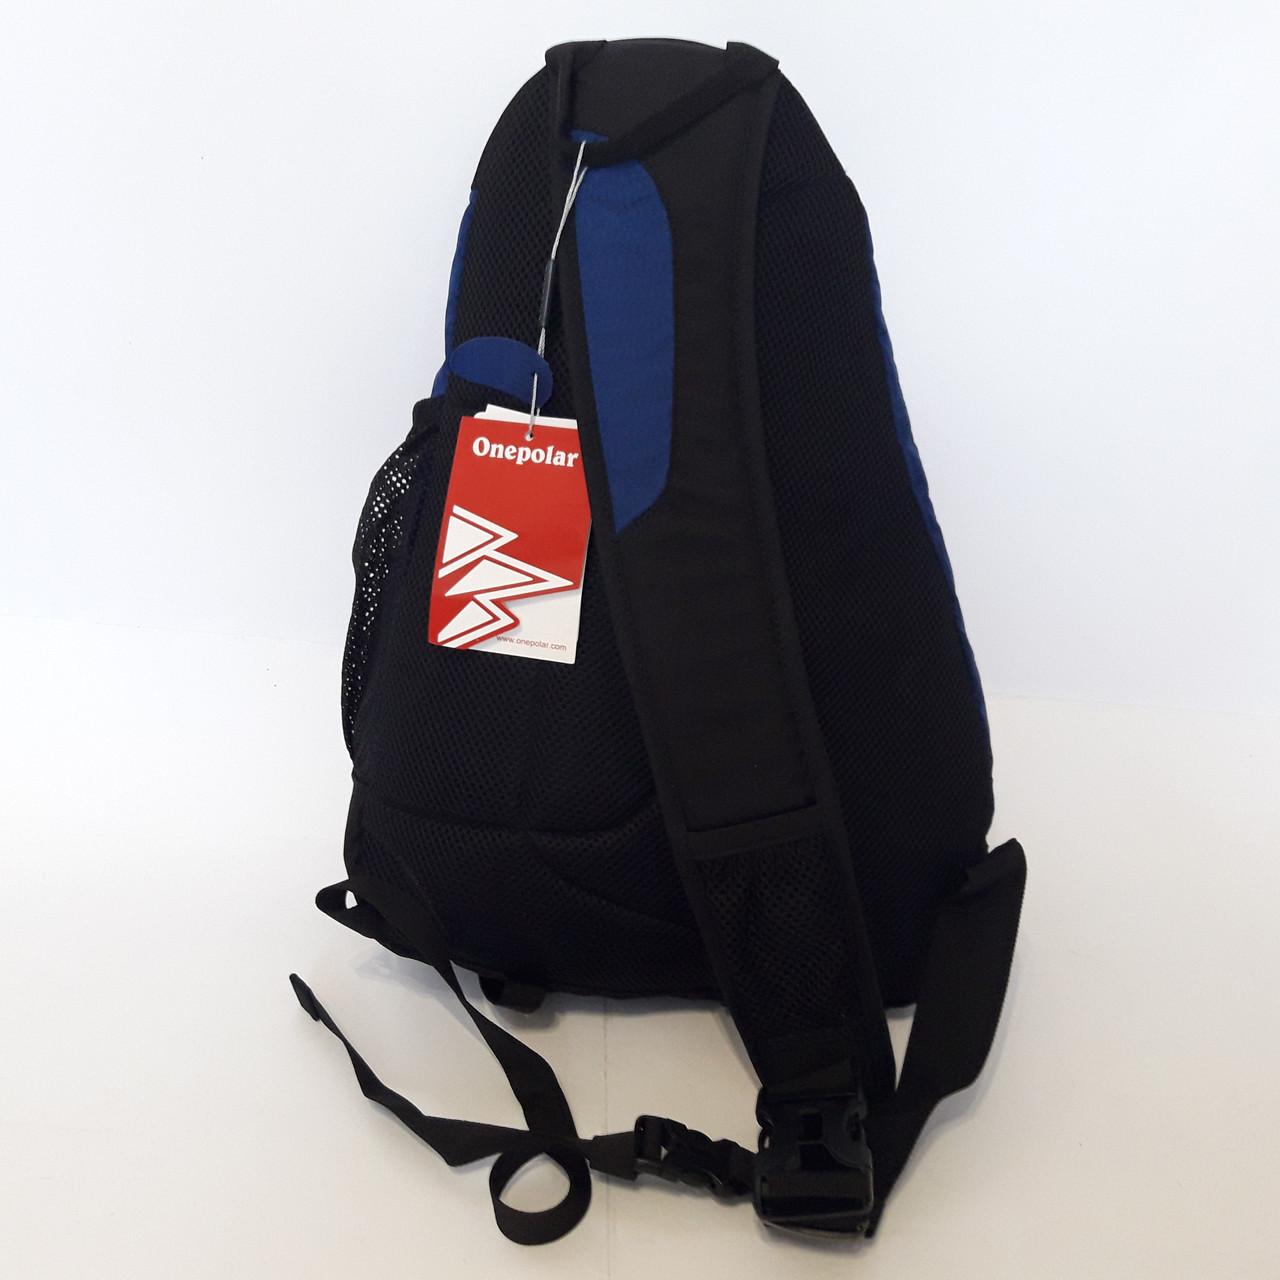 c25b8ec724fb ... Стильный спортивный рюкзак One polar W1249 на одно плечо 20 л прочный  качественный, ...